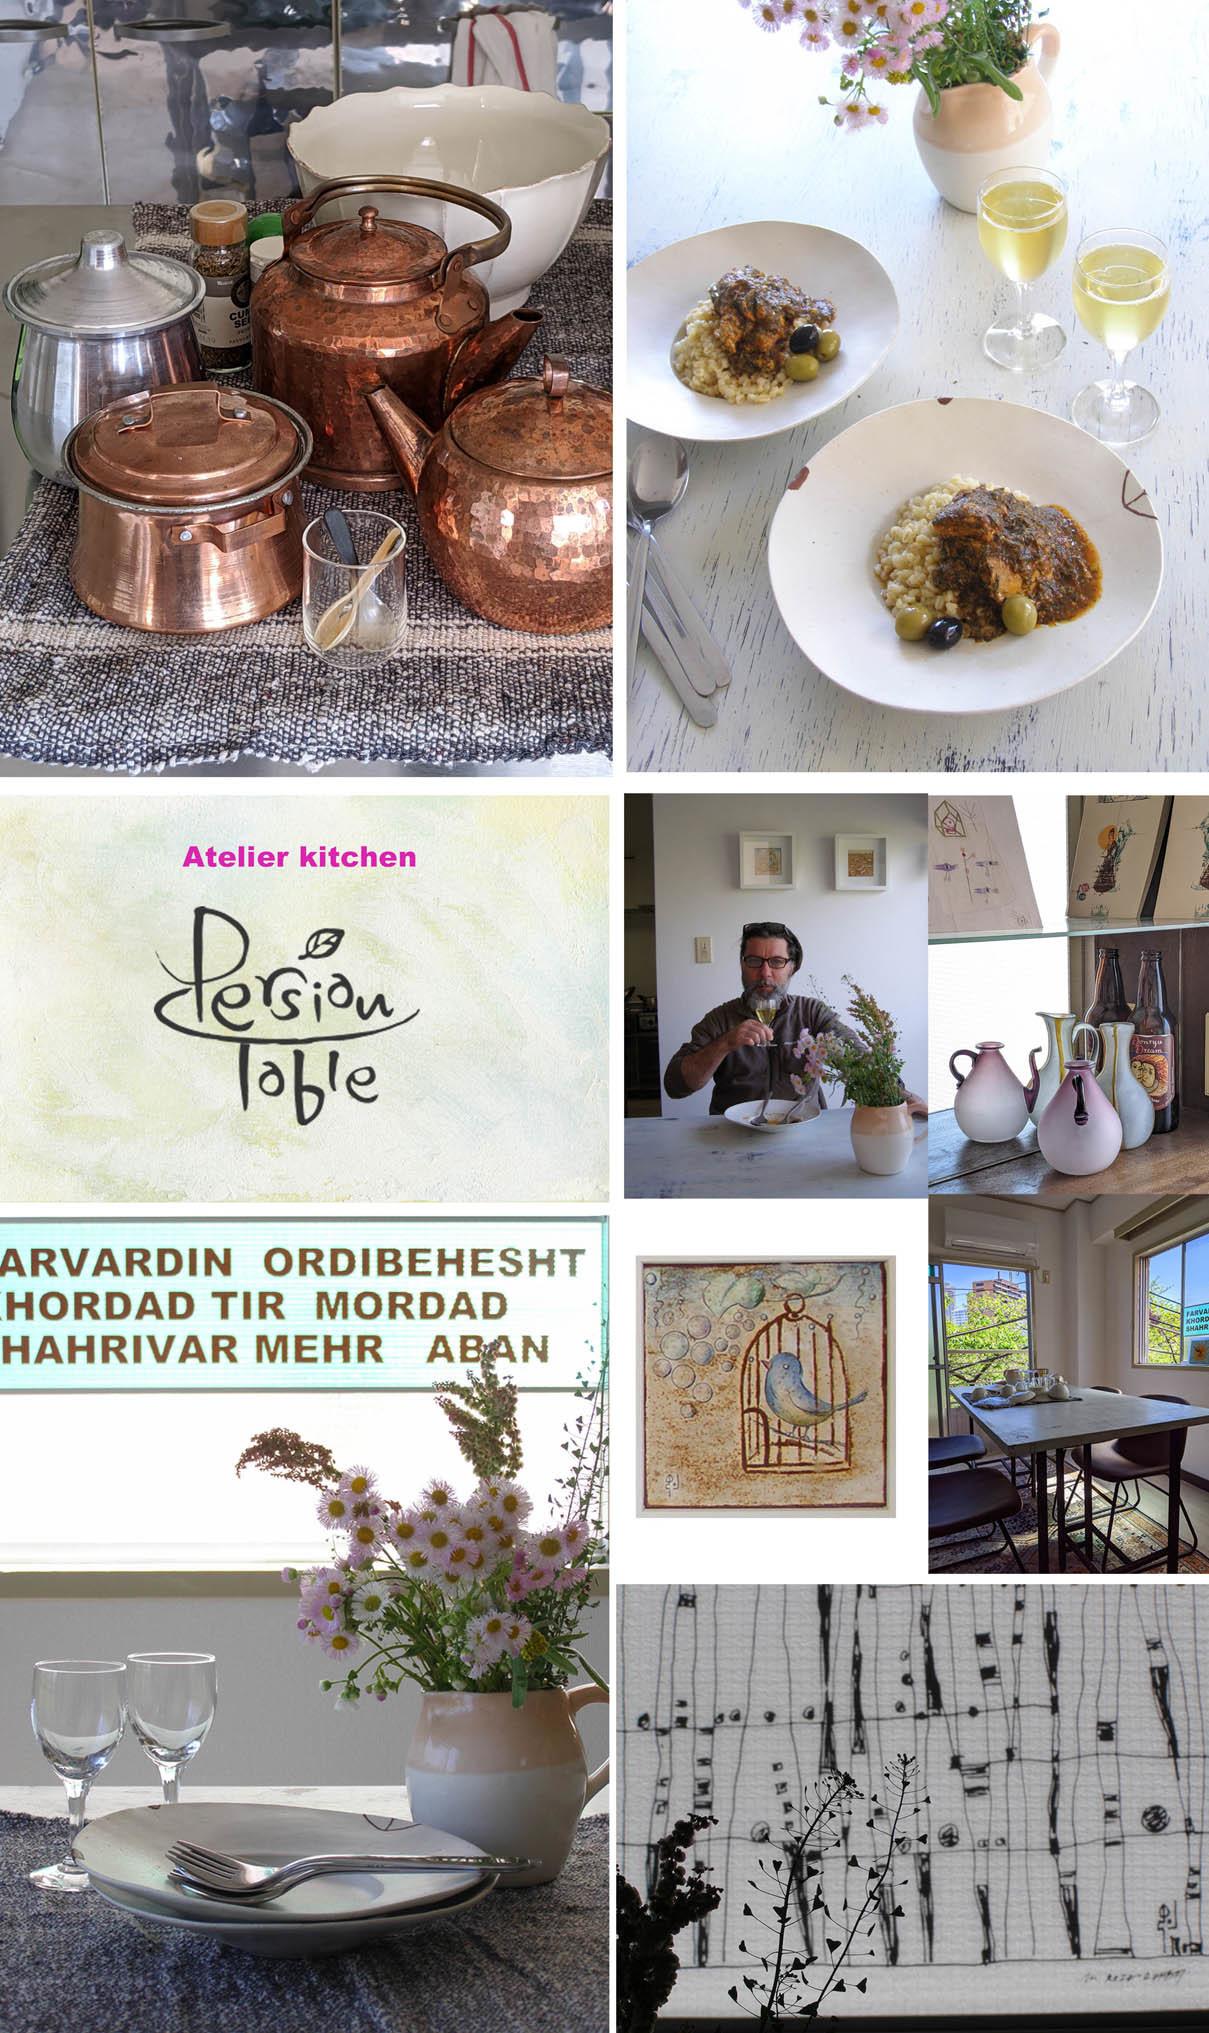 アトリエ・キッチン ペルシャンテーブル Atelier kitchen PersianTable_d0136461_10002108.jpg